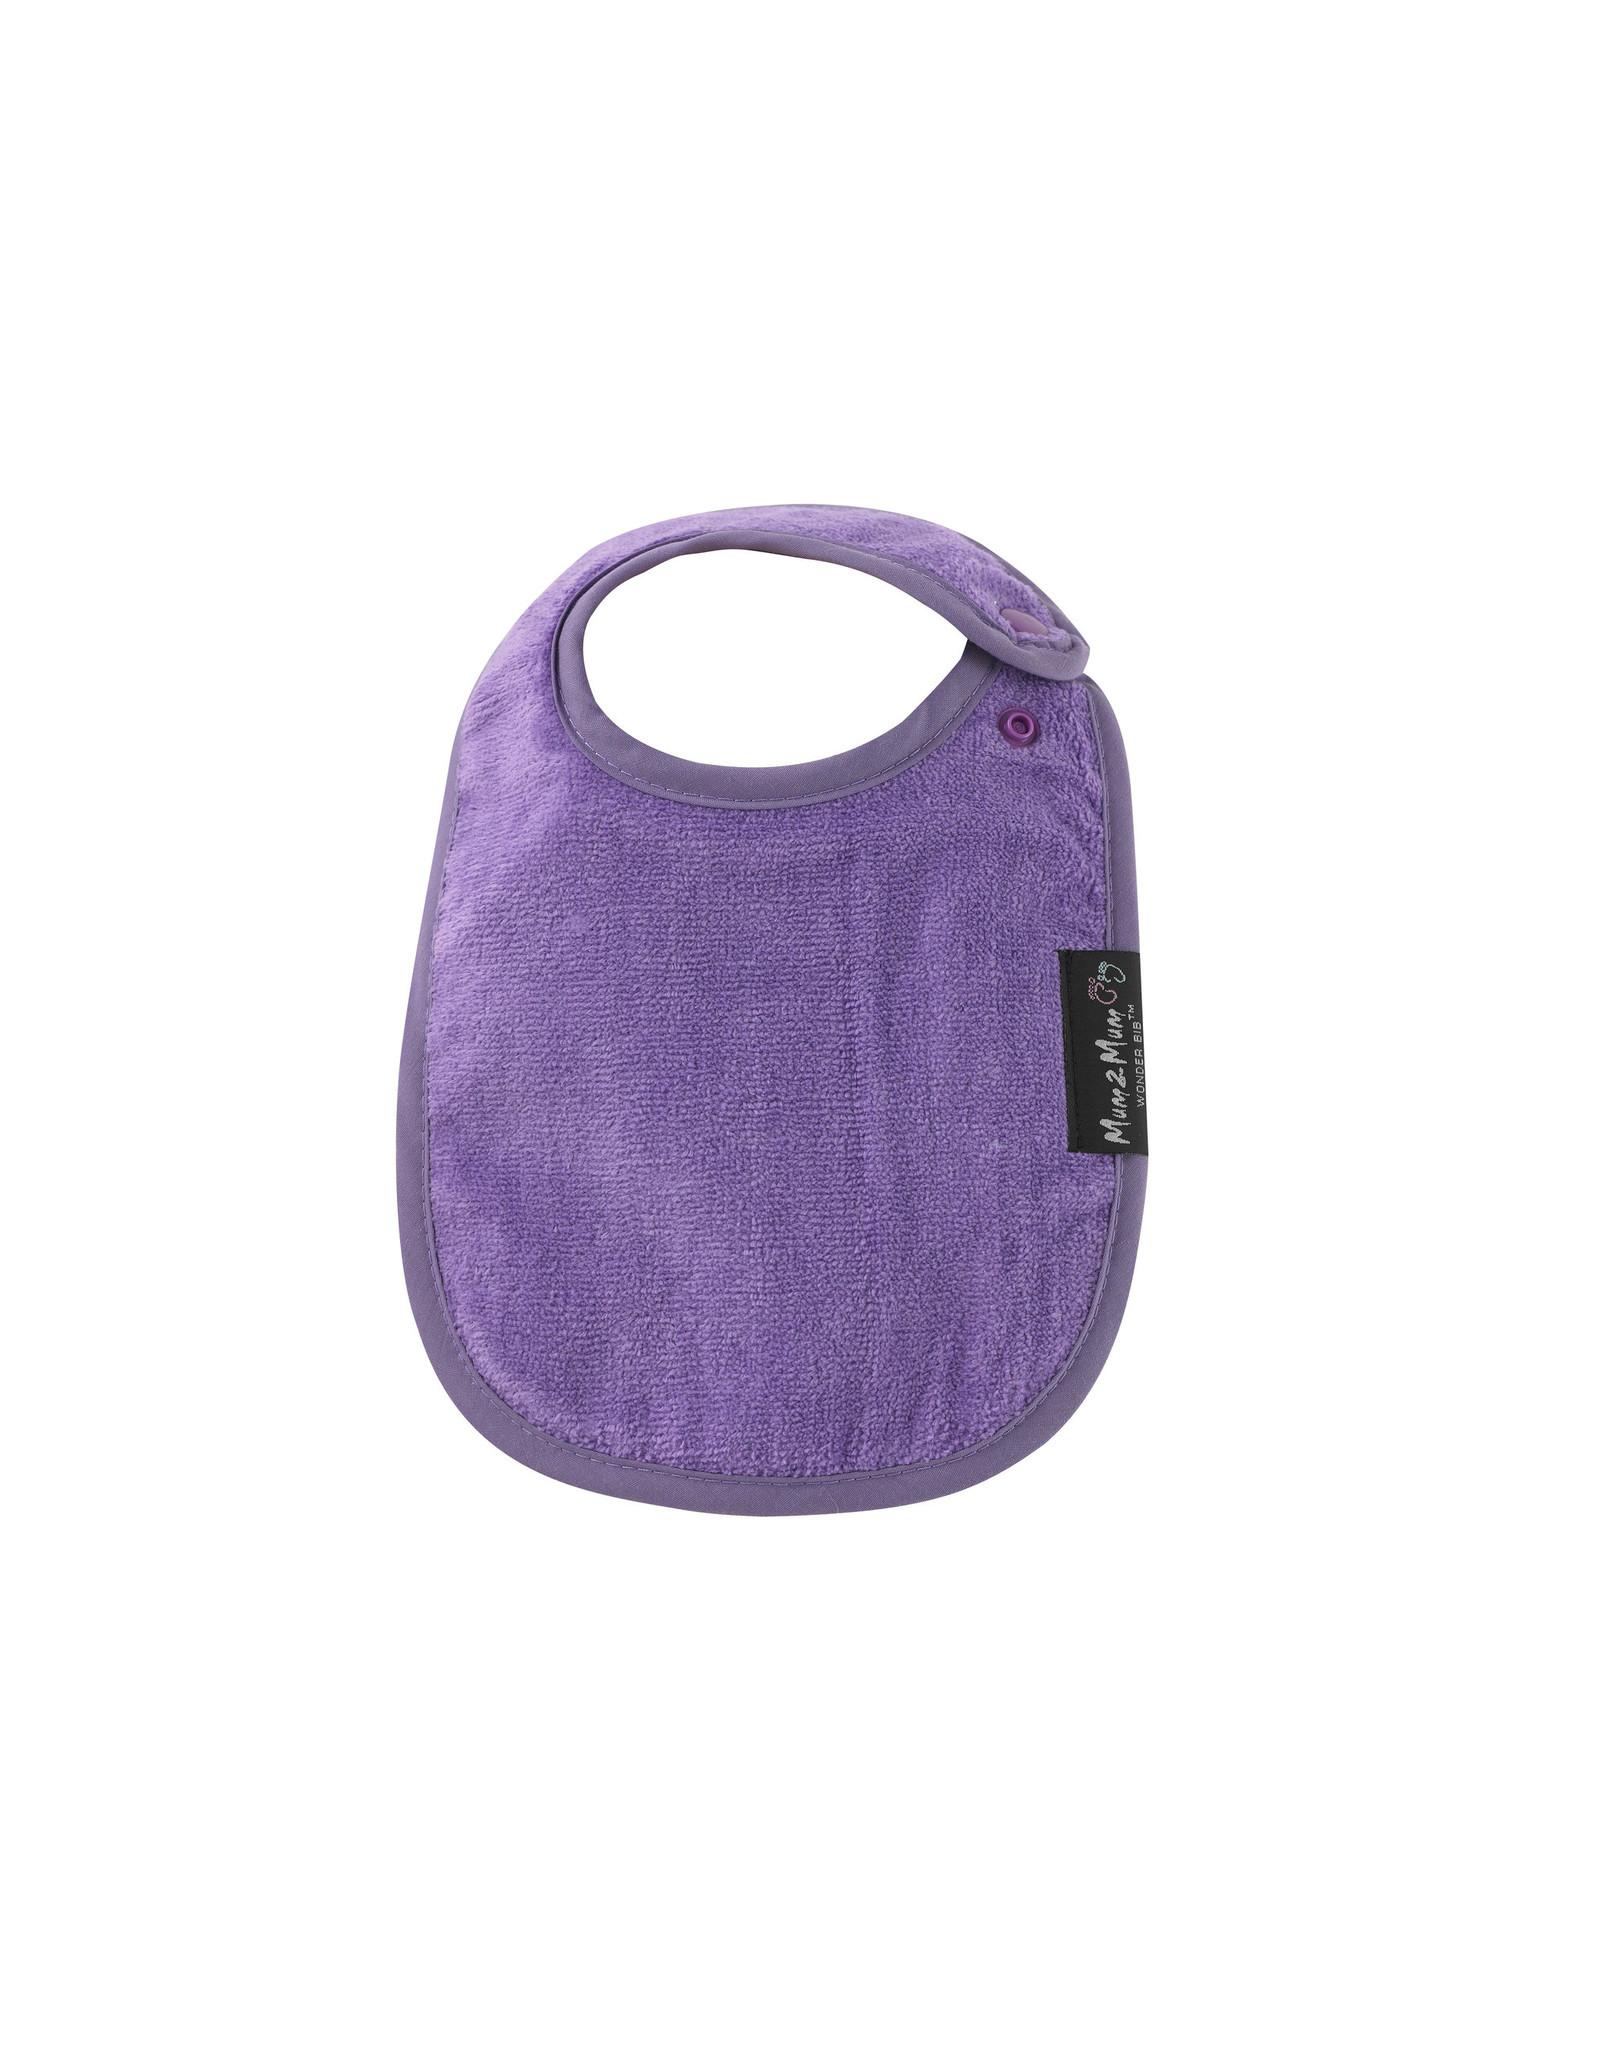 Mum2Mum Mum2Mum Infant Bib Purple 6 pieces